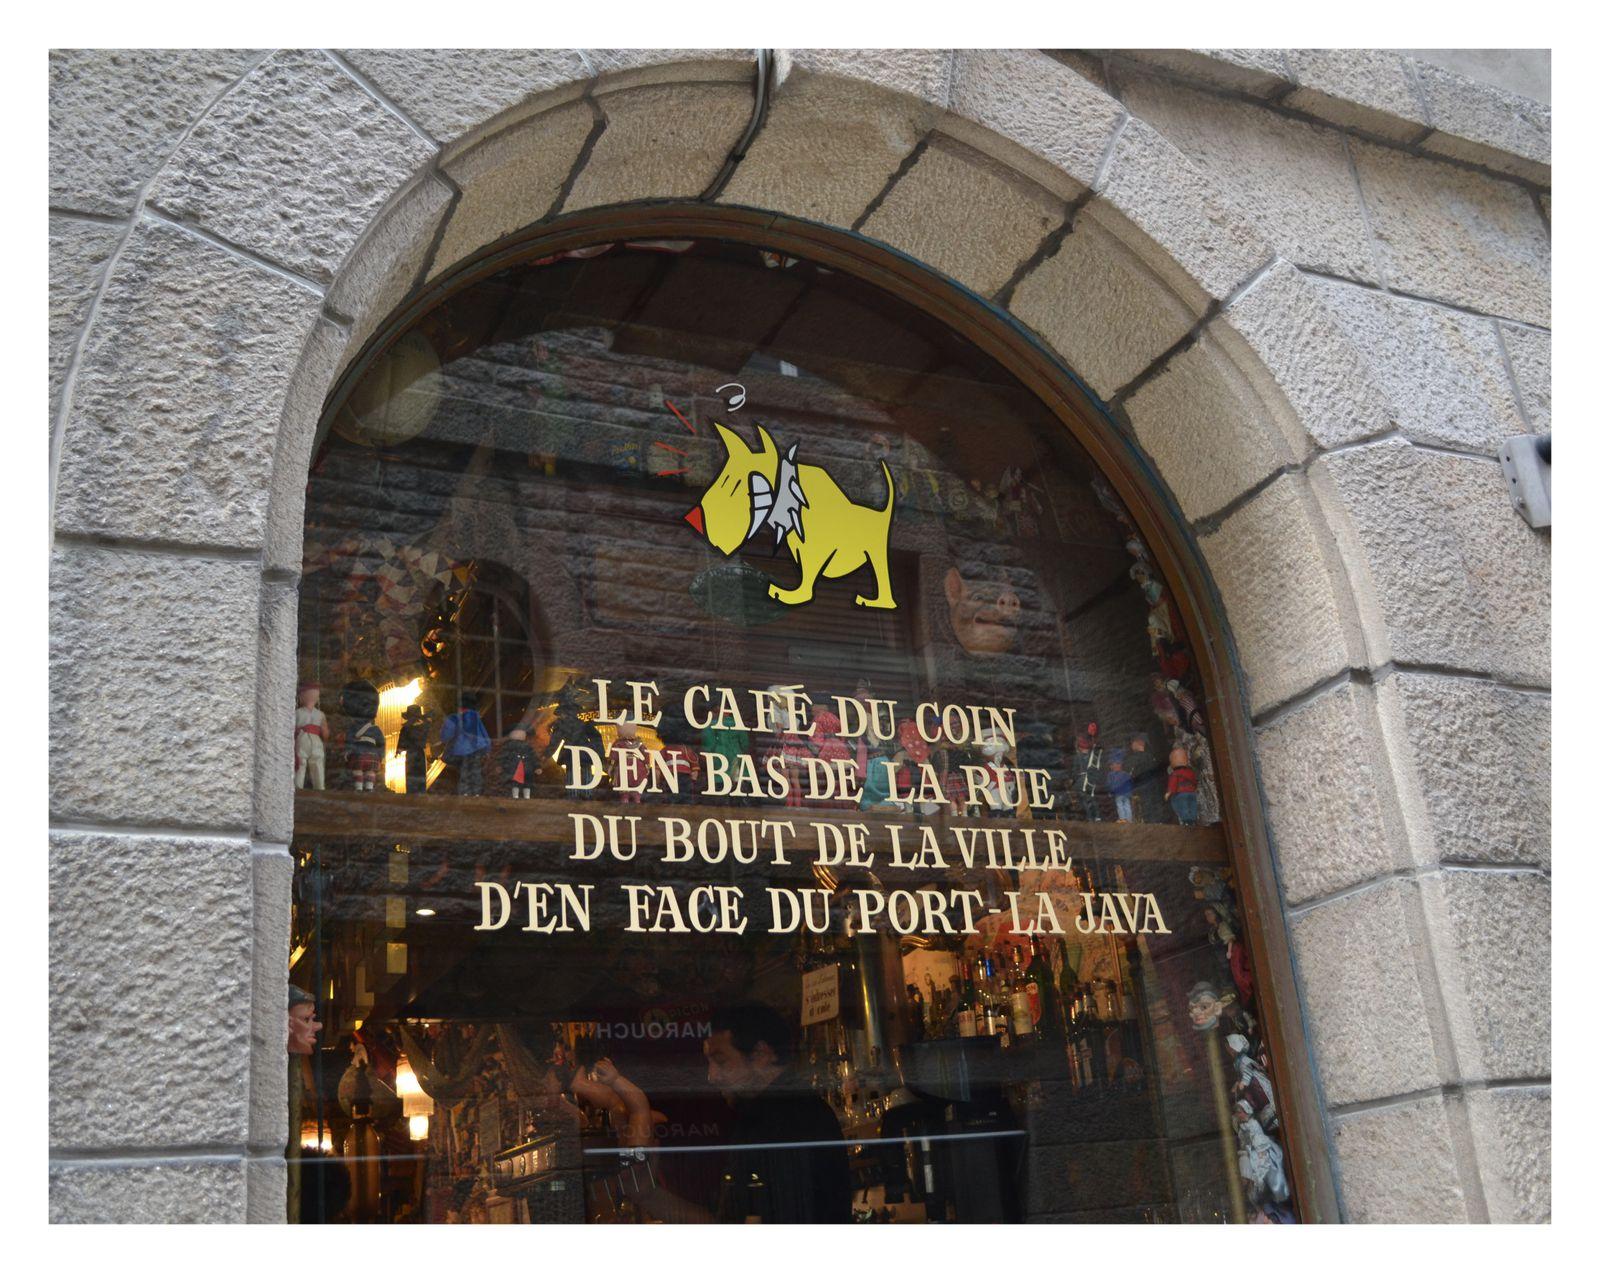 LE CAFE DU COIN D'EN BAS DE LA RUE DU BOUT DE LA VILLE D'EN FACE LE PORT  LA JAVA